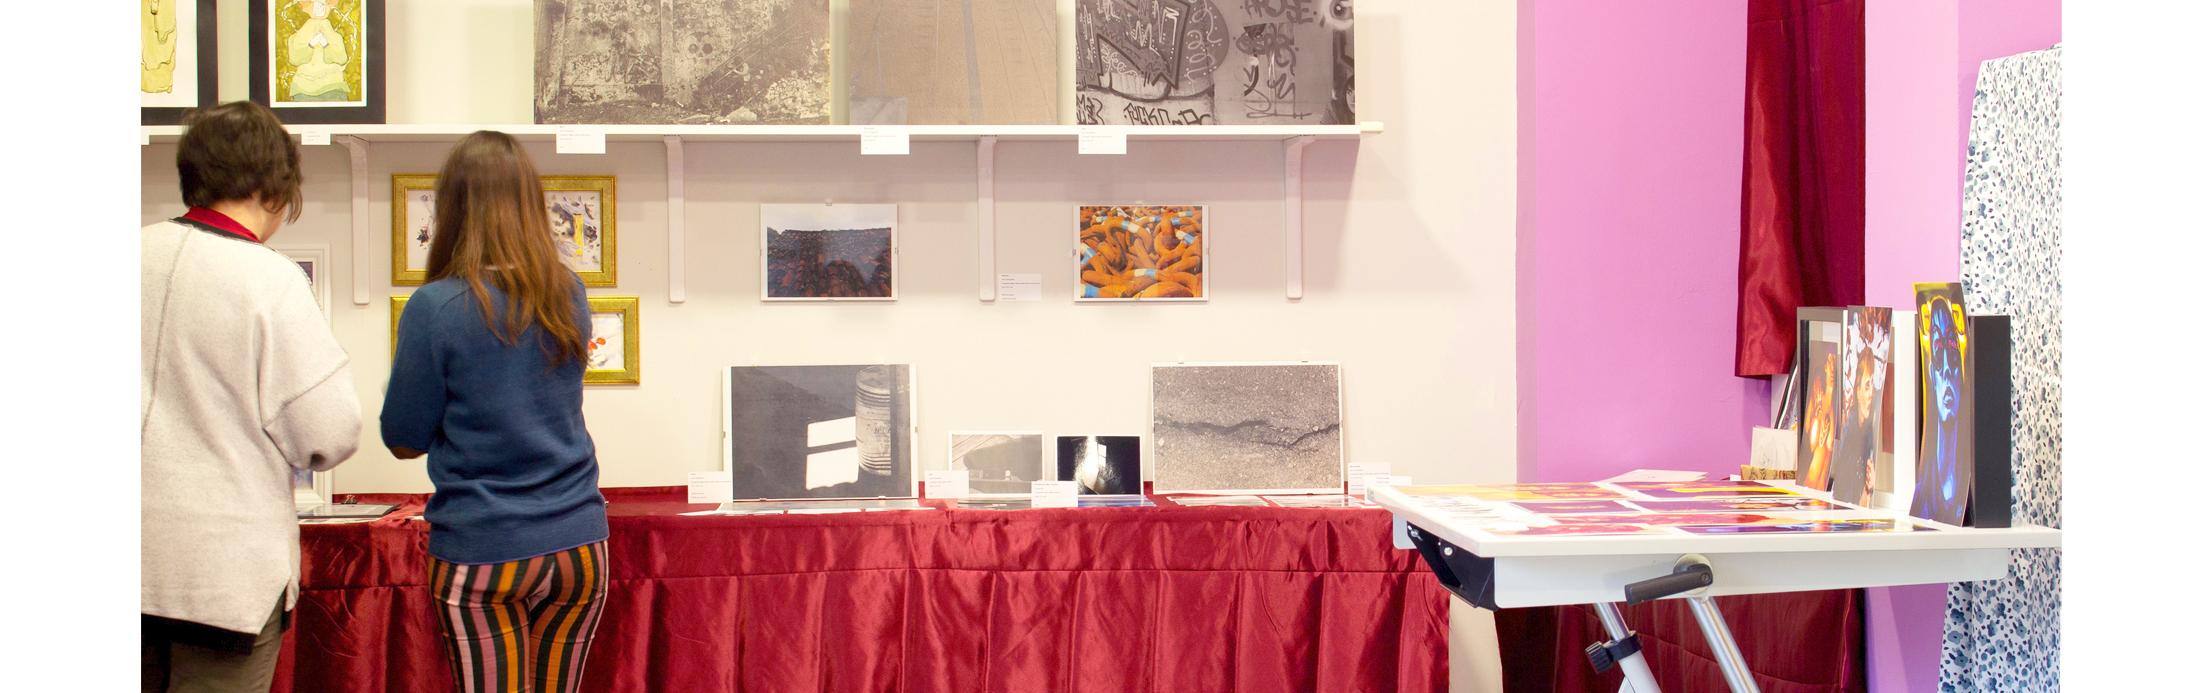 Exposiciones de obras artísticas en espacioArte